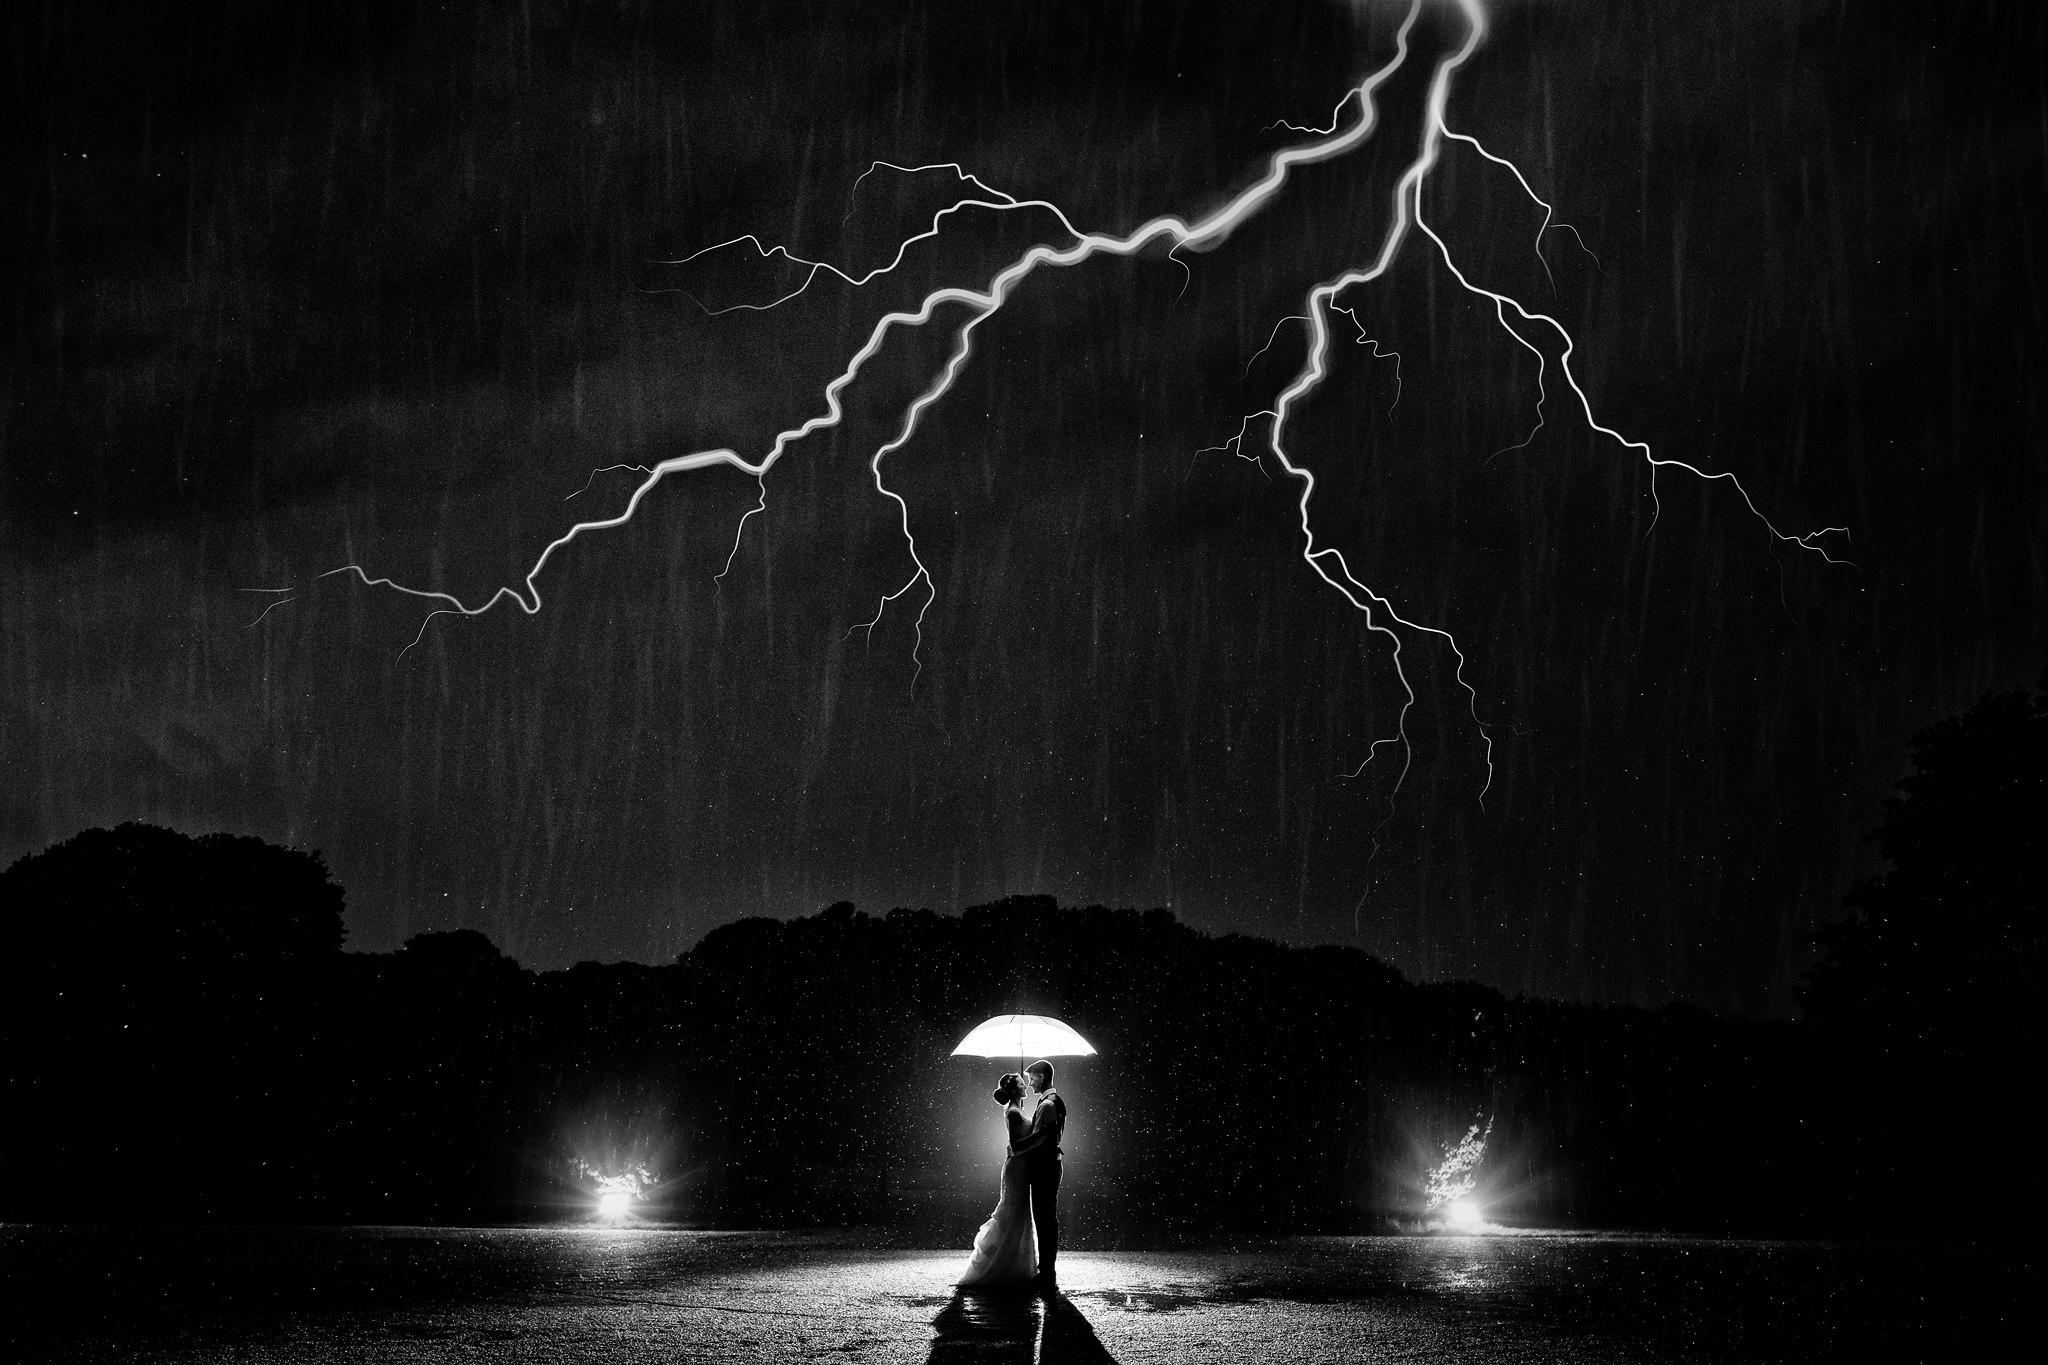 couple-under-umbrella-in-lighting-storm-rich-howman-uk